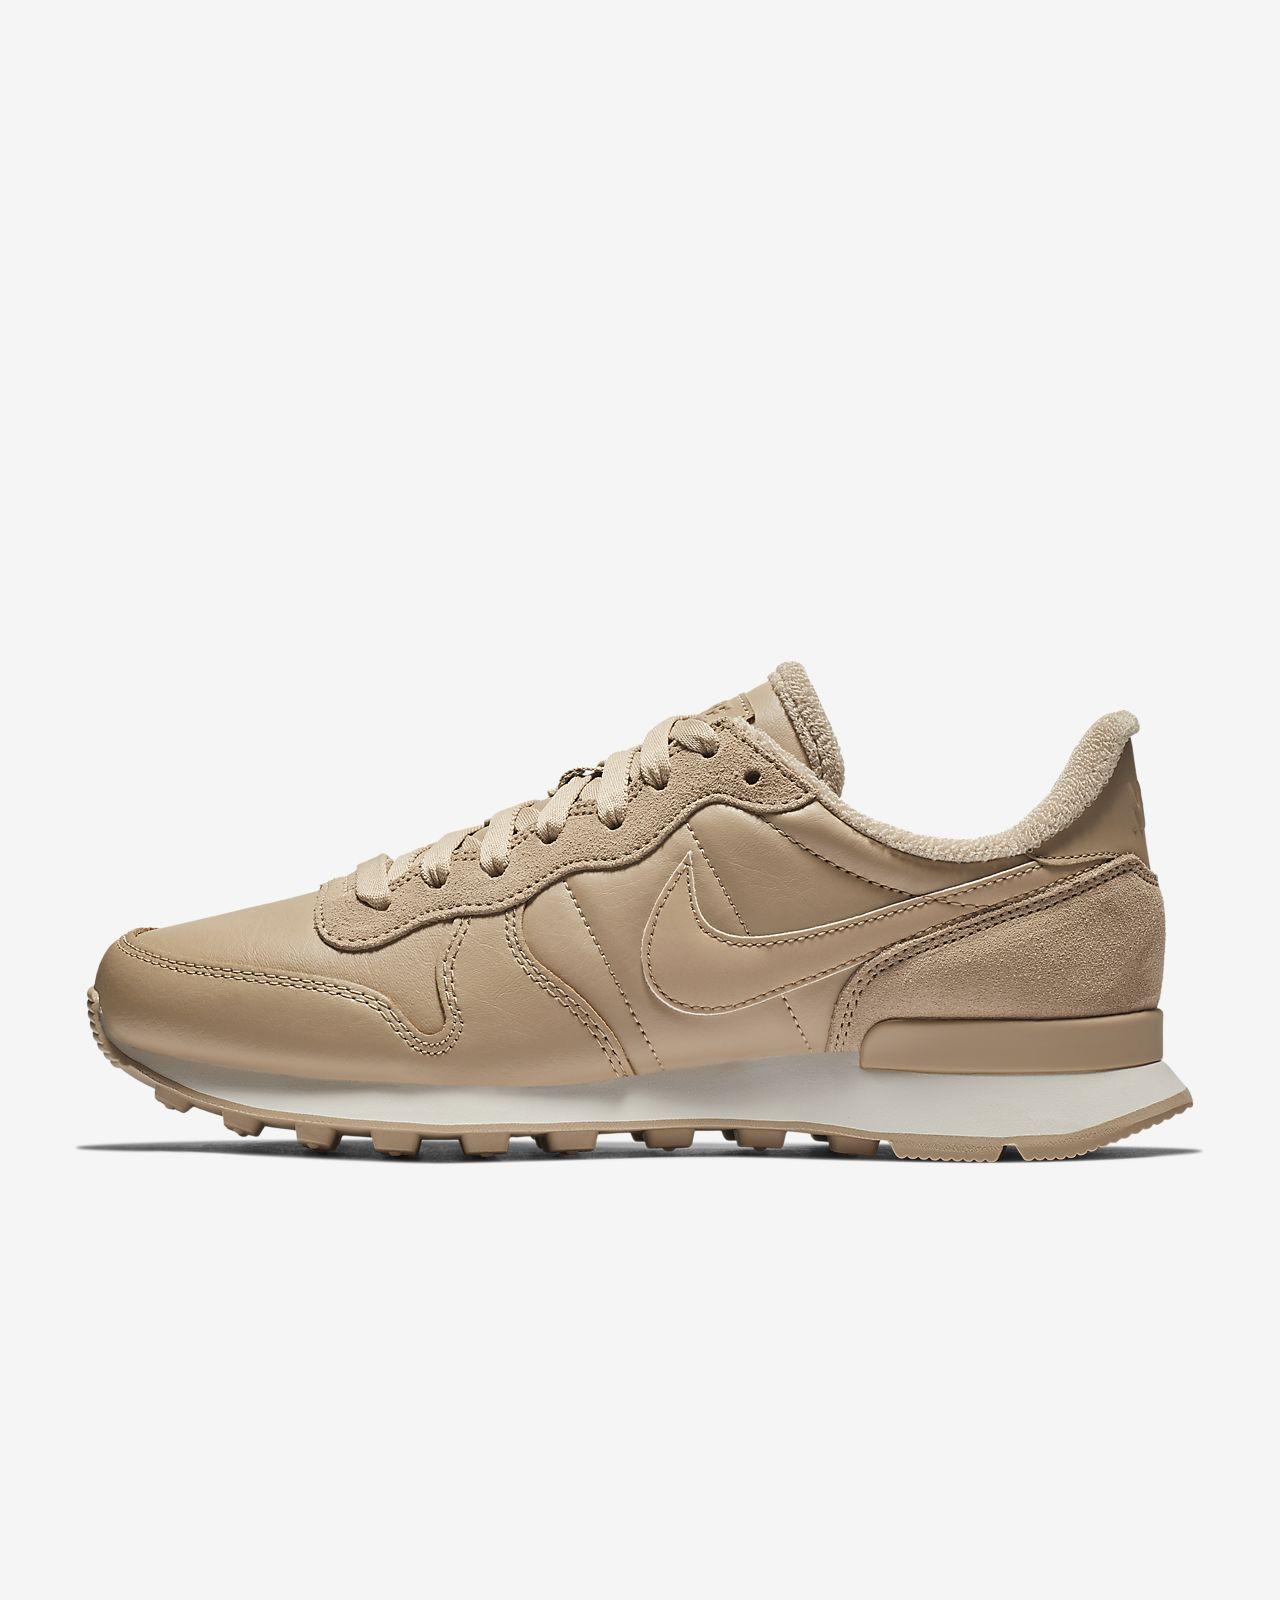 Nike Internationalist Winterized Women's Shoe